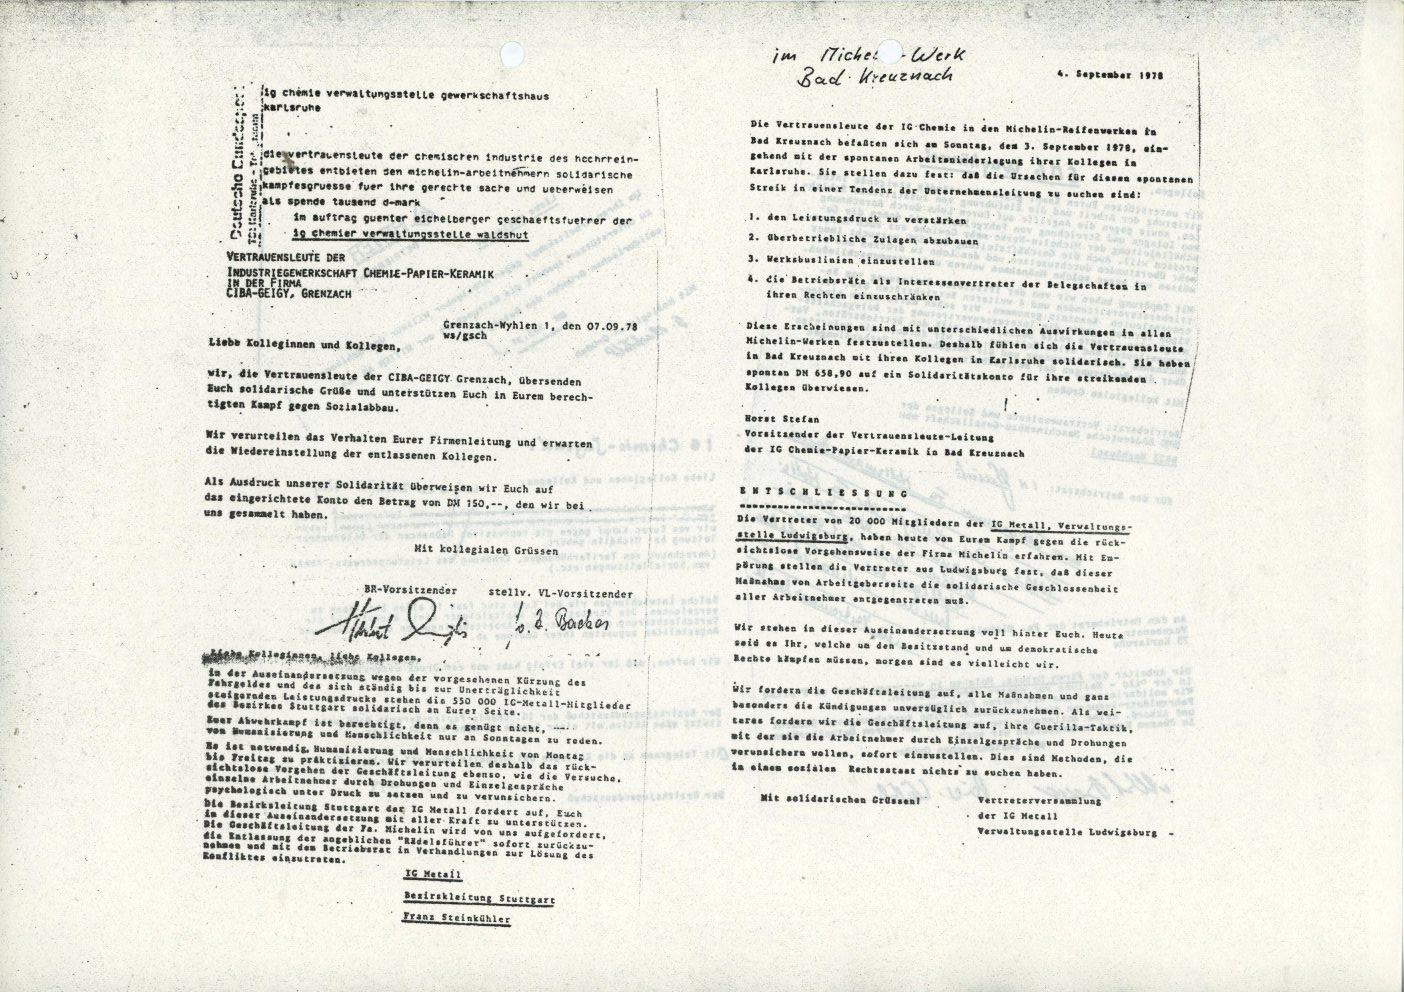 Karlsruhe_Michelin_IGCPK_Doku_zum_Arbeitskonflikt_1978_34